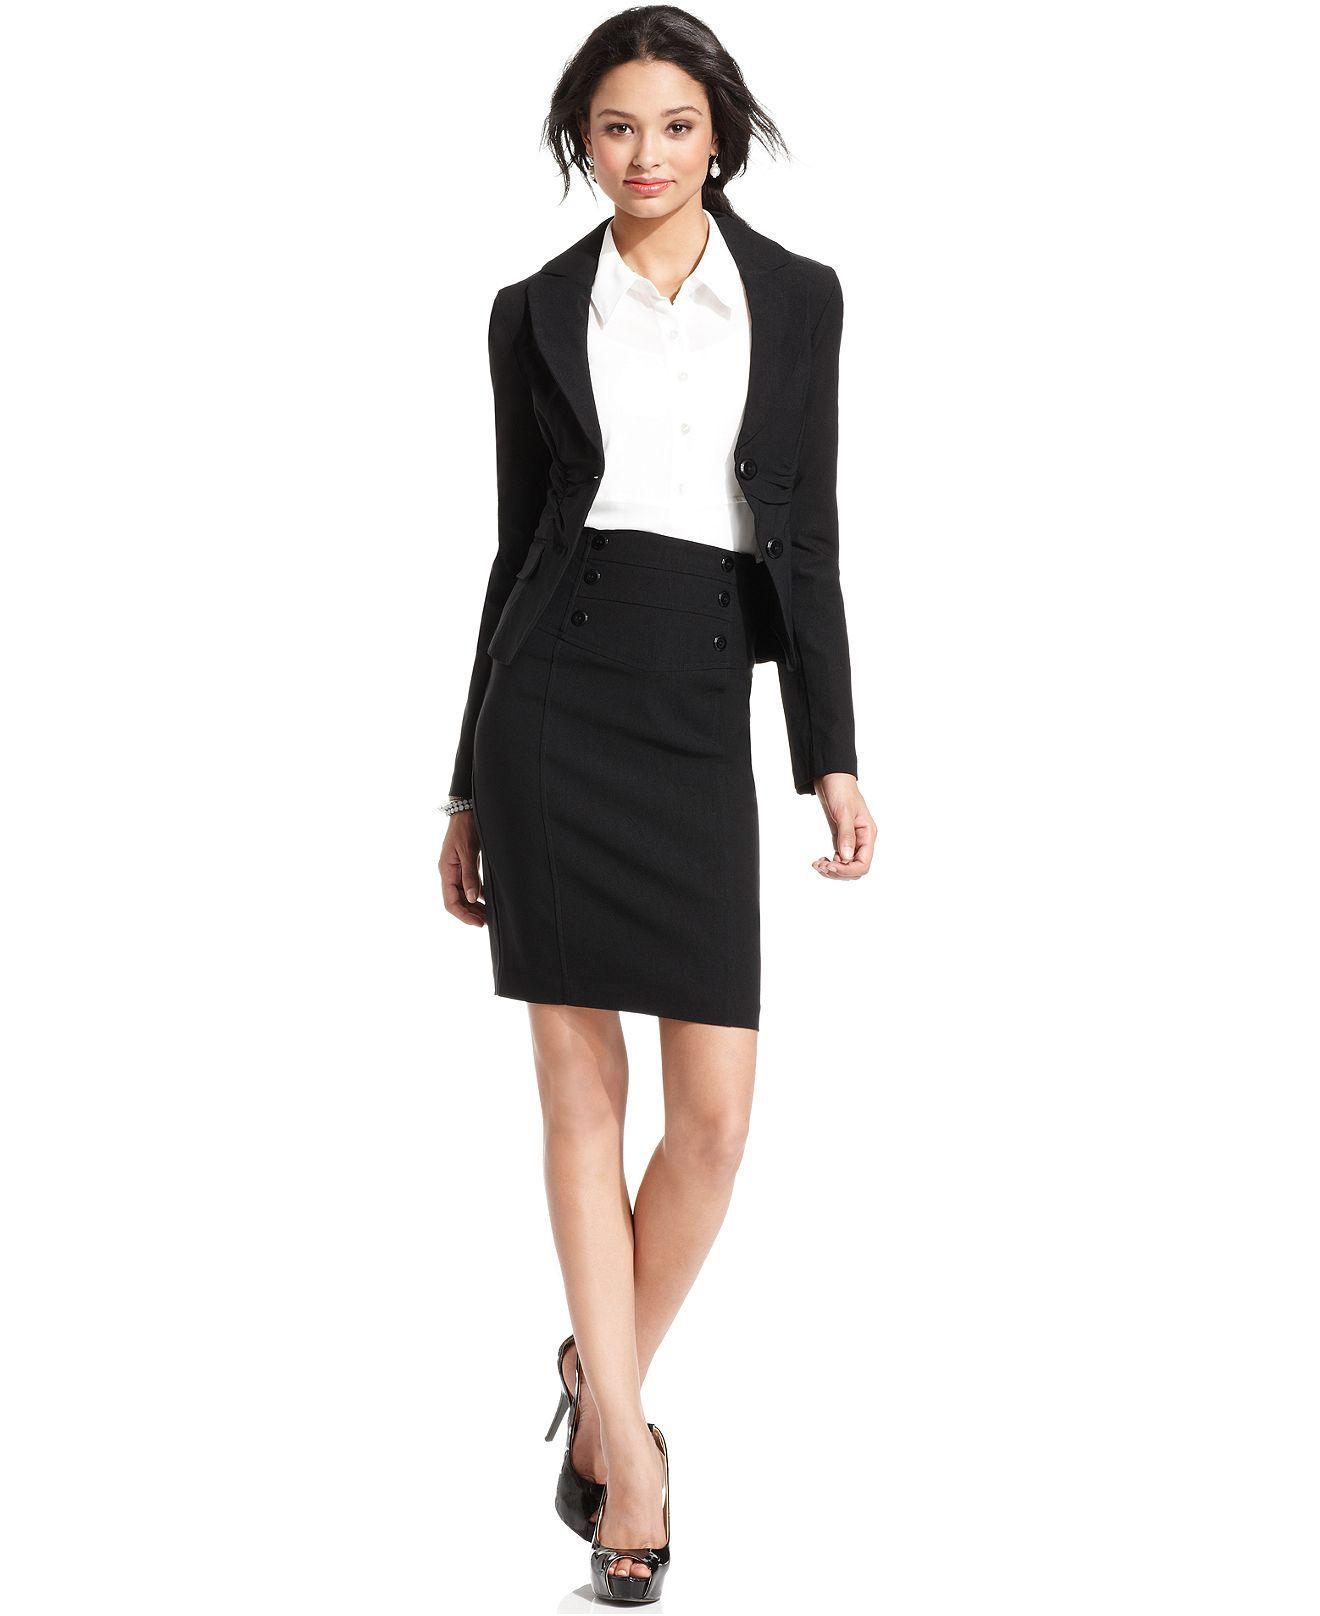 Bcx Millenium Ruched Blazer High Waist Pencil Skirt Juniors Suits Suit Separates Macys